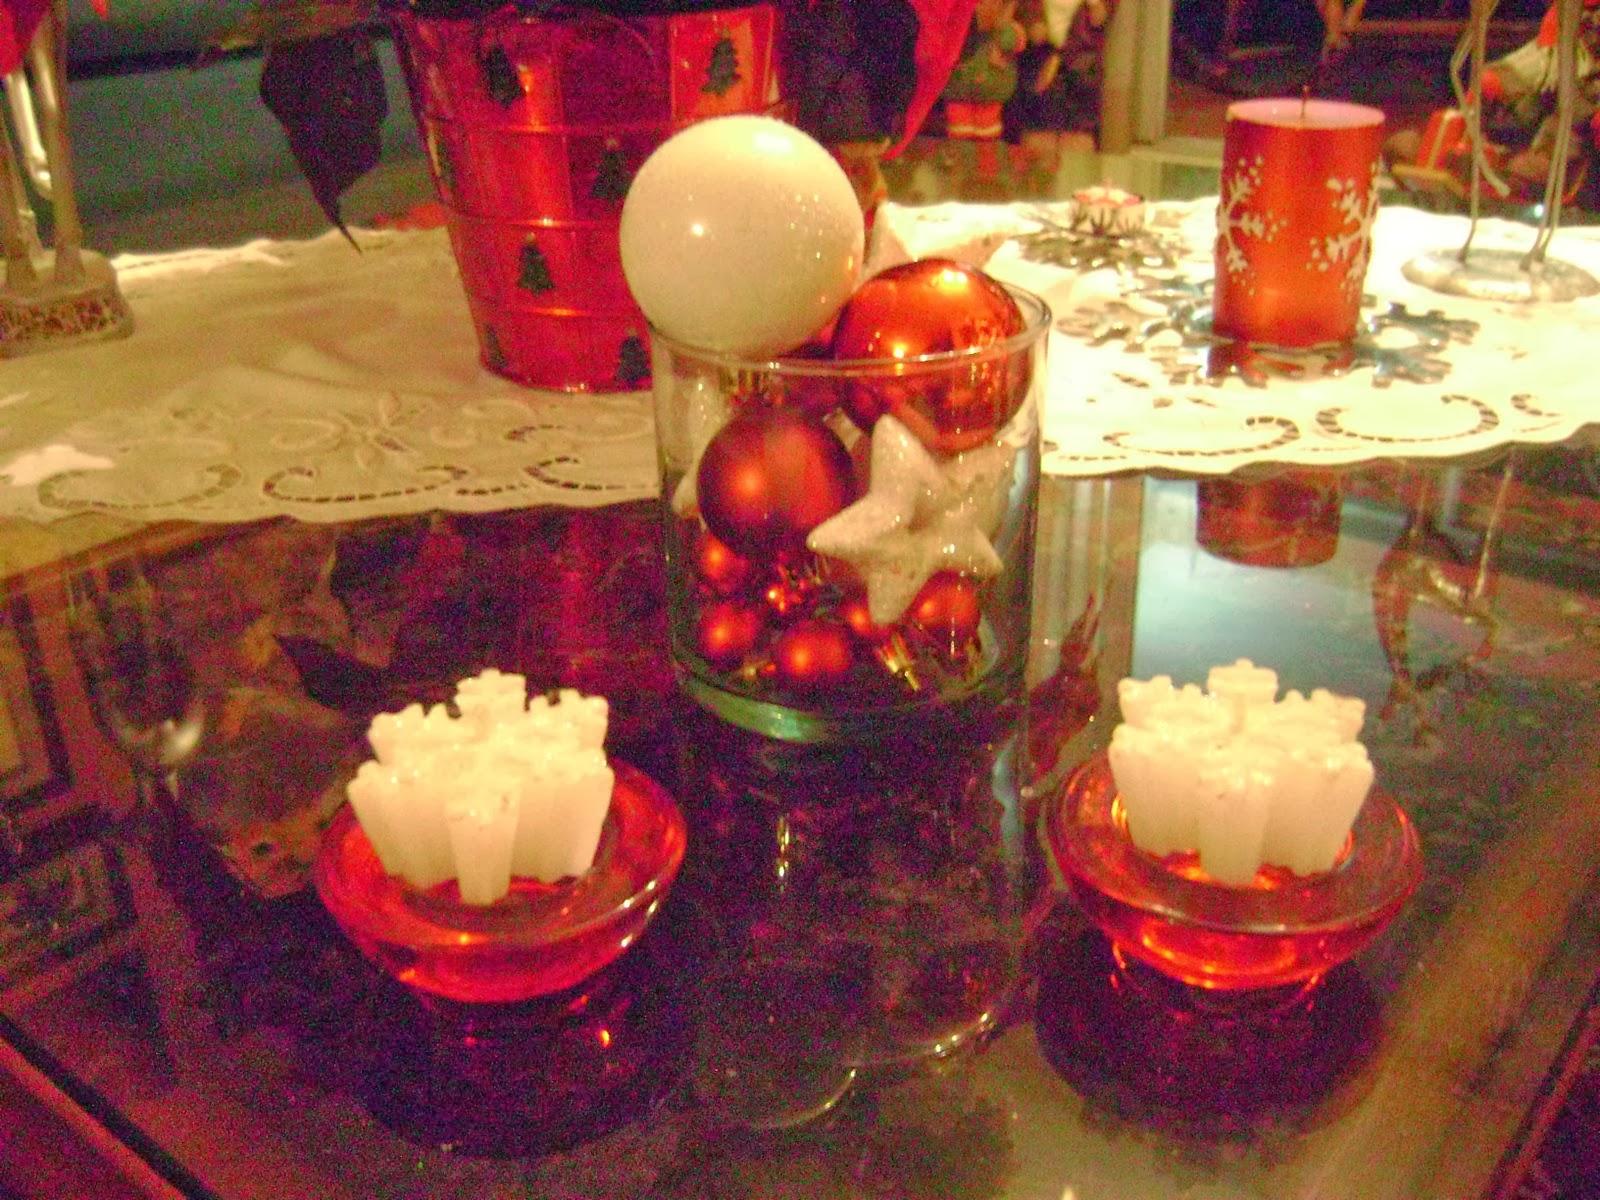 Centros de mesa navide os con esferas parte 2 for Centros navidenos con velas